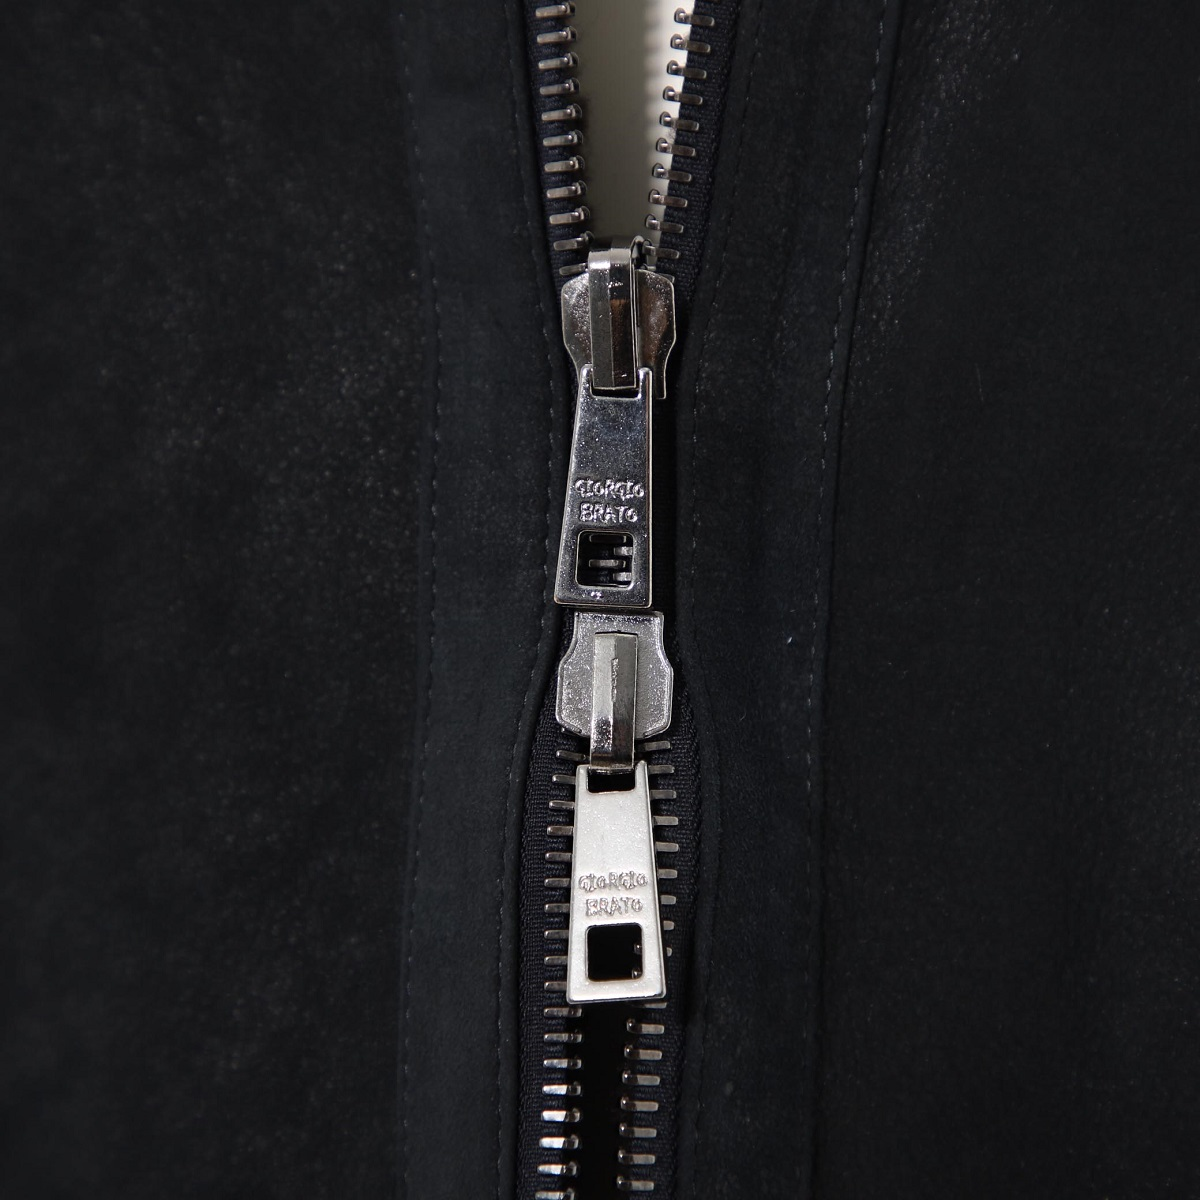 【アウトレット】GIORGIO BRATO ジョルジオブラット レザーコート 2way/リバーシブル メンズ